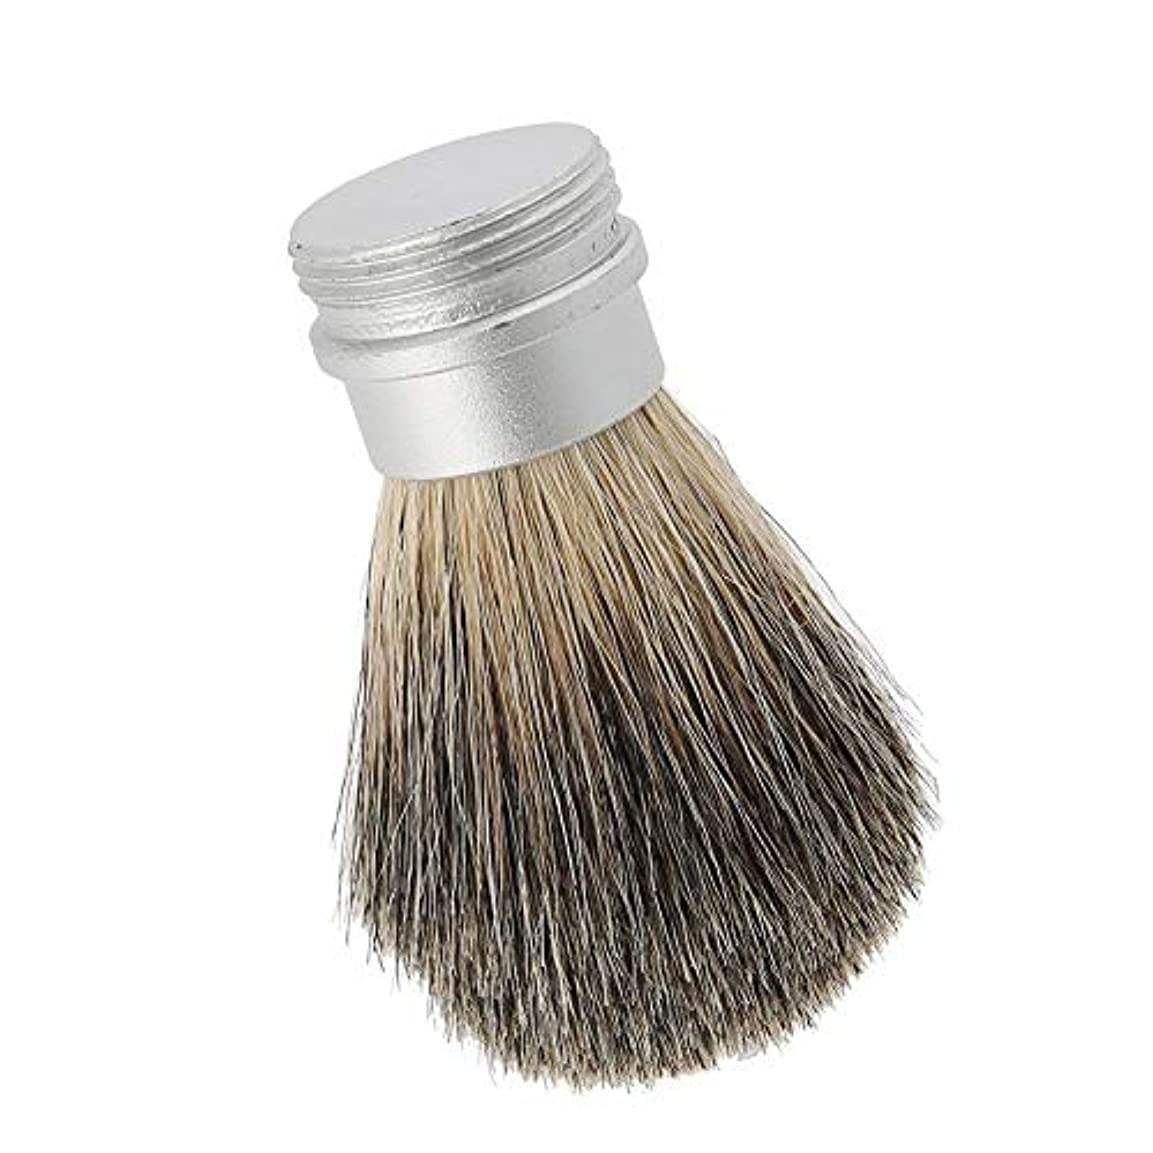 わなフェローシップ子供っぽいひげブラシひげ剃りツールポータブルひげブラシ男性のための最高のヘアブラシ口ひげブラシ